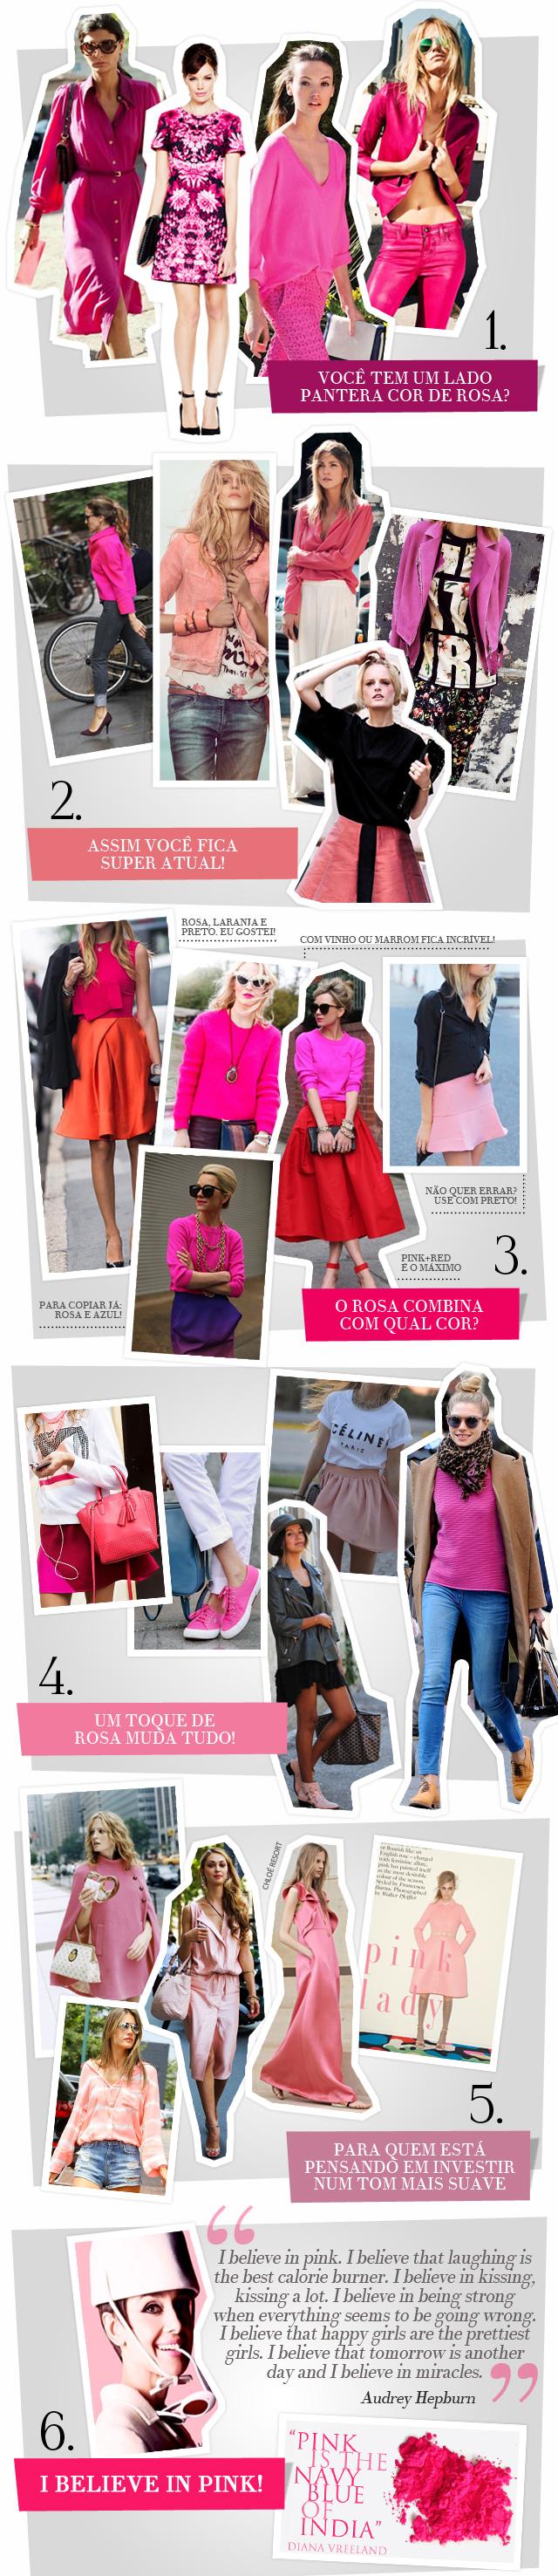 blog-da-alice-ferraz-viva-a-vida-cor-de-rosa (1)